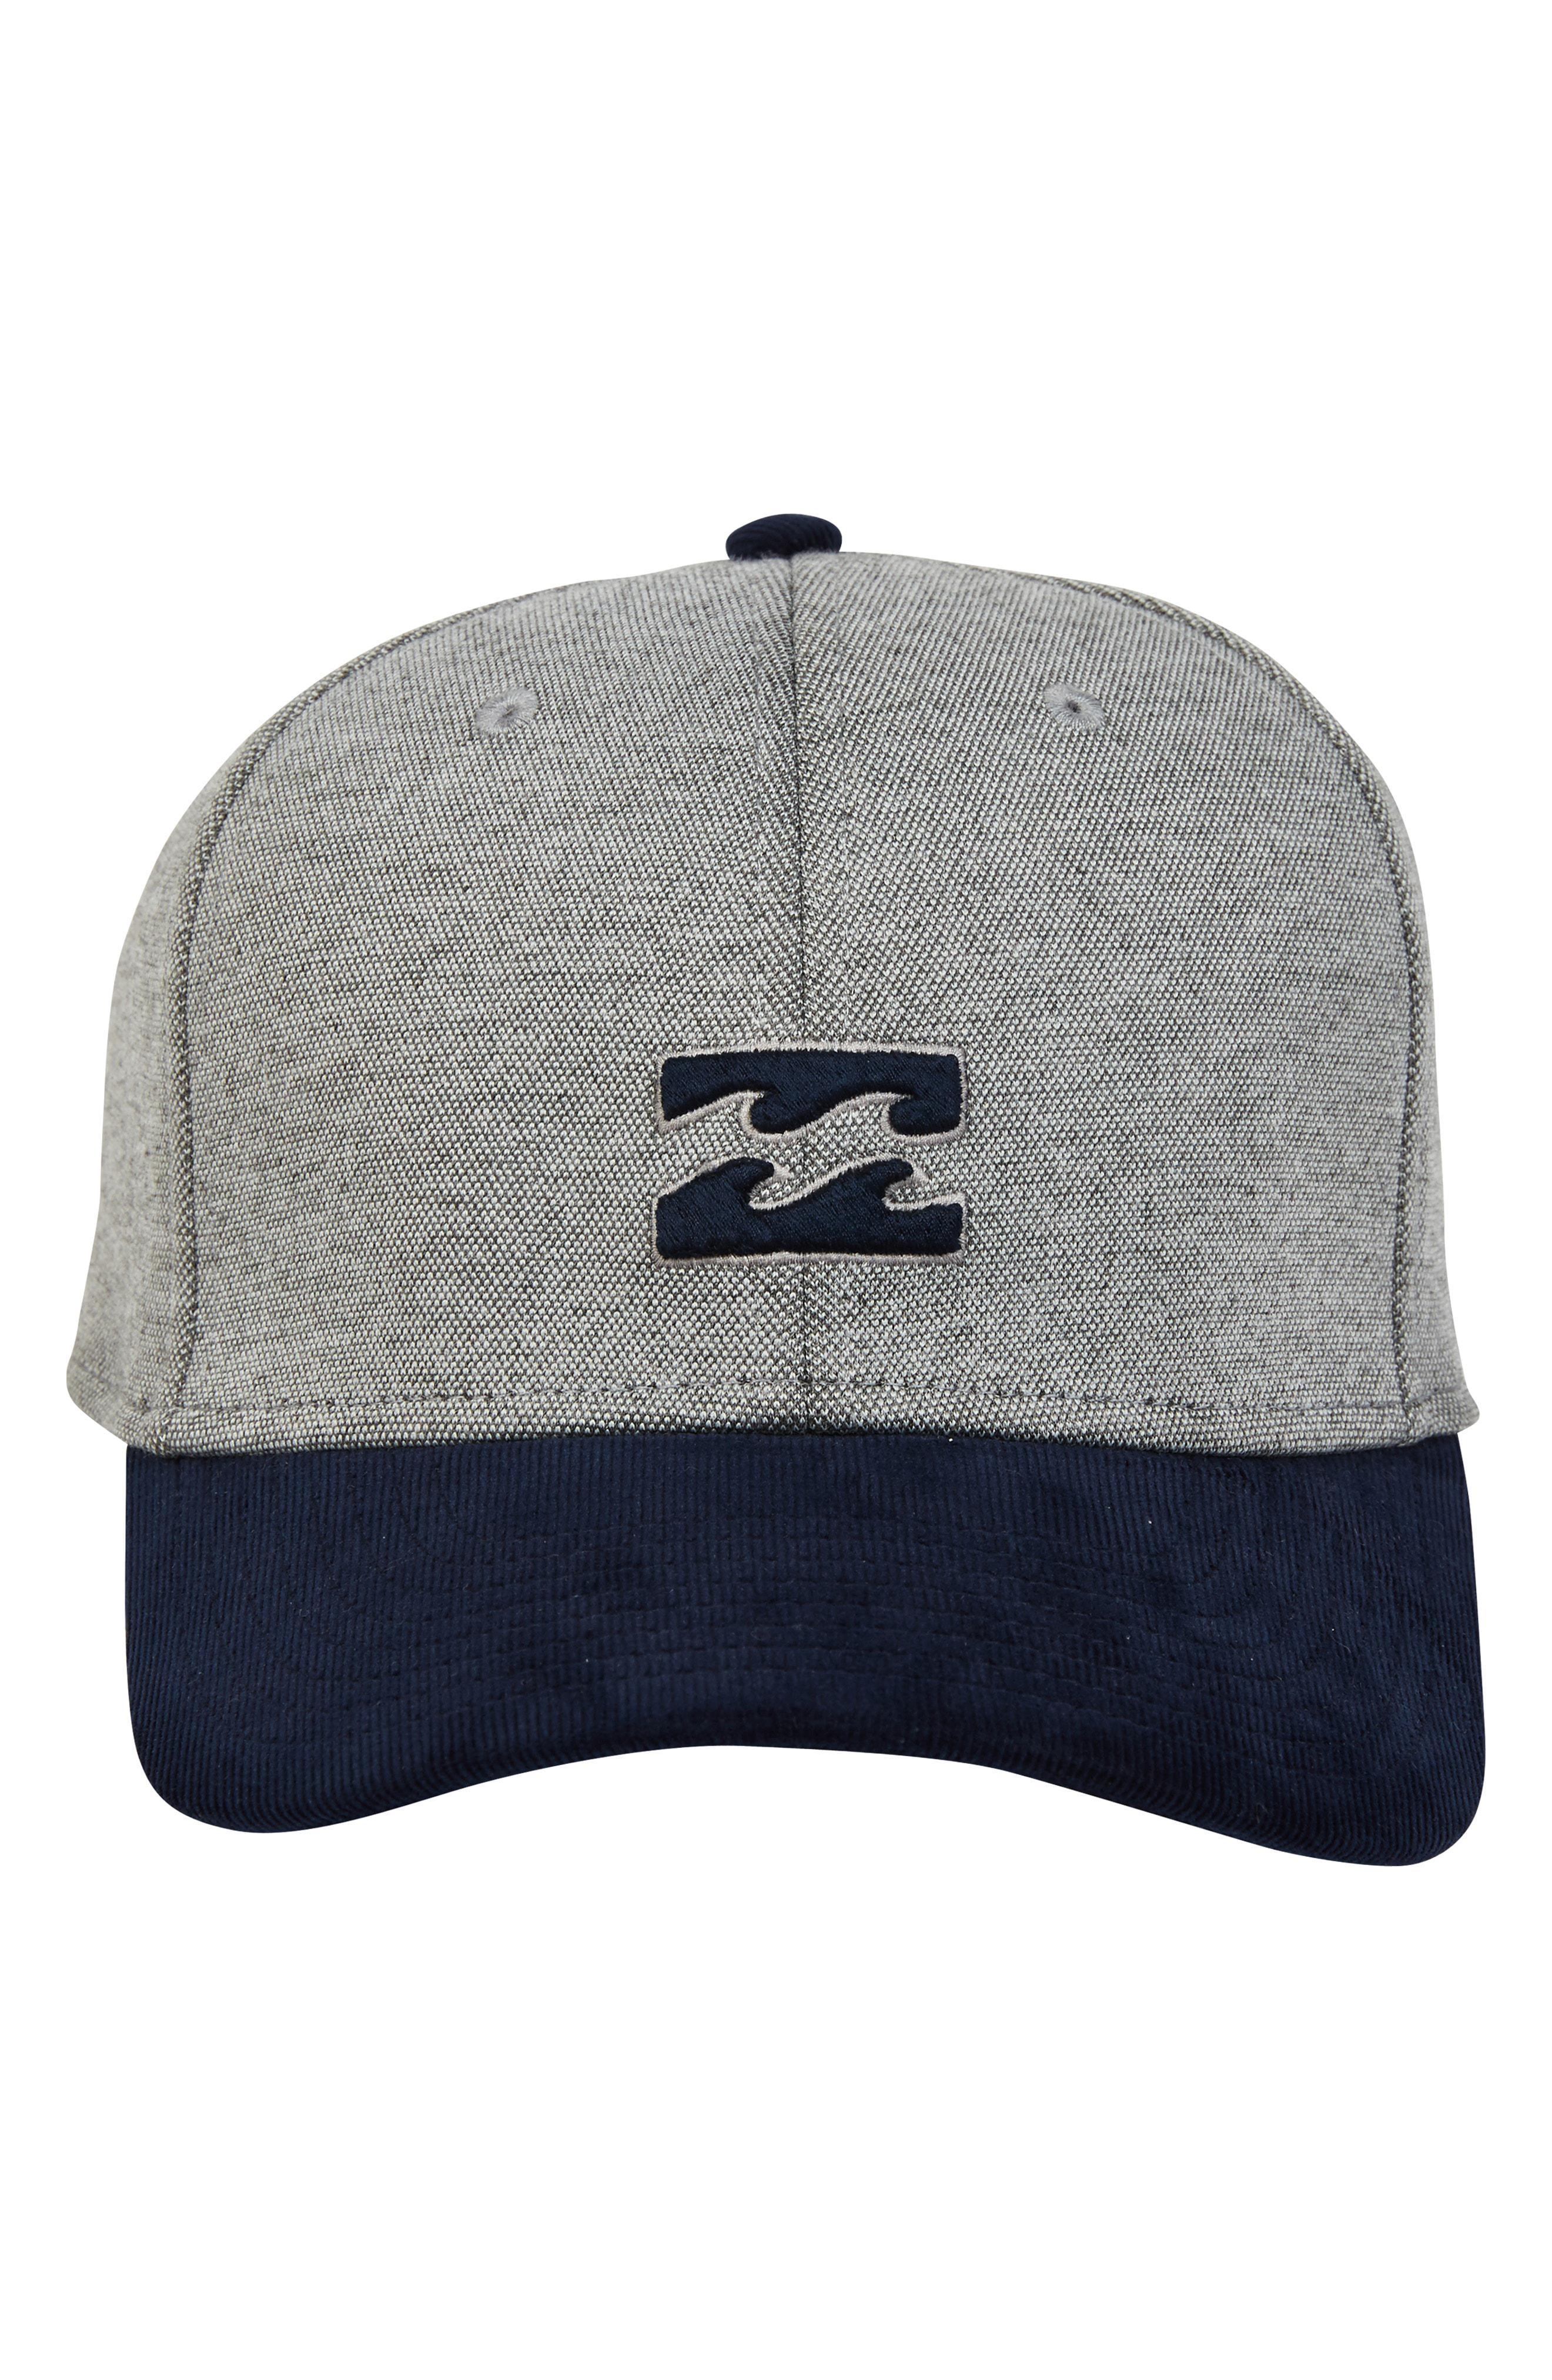 6e554d7bb30 Lyst - Billabong All Day Stretch Baseball Cap in Gray for Men